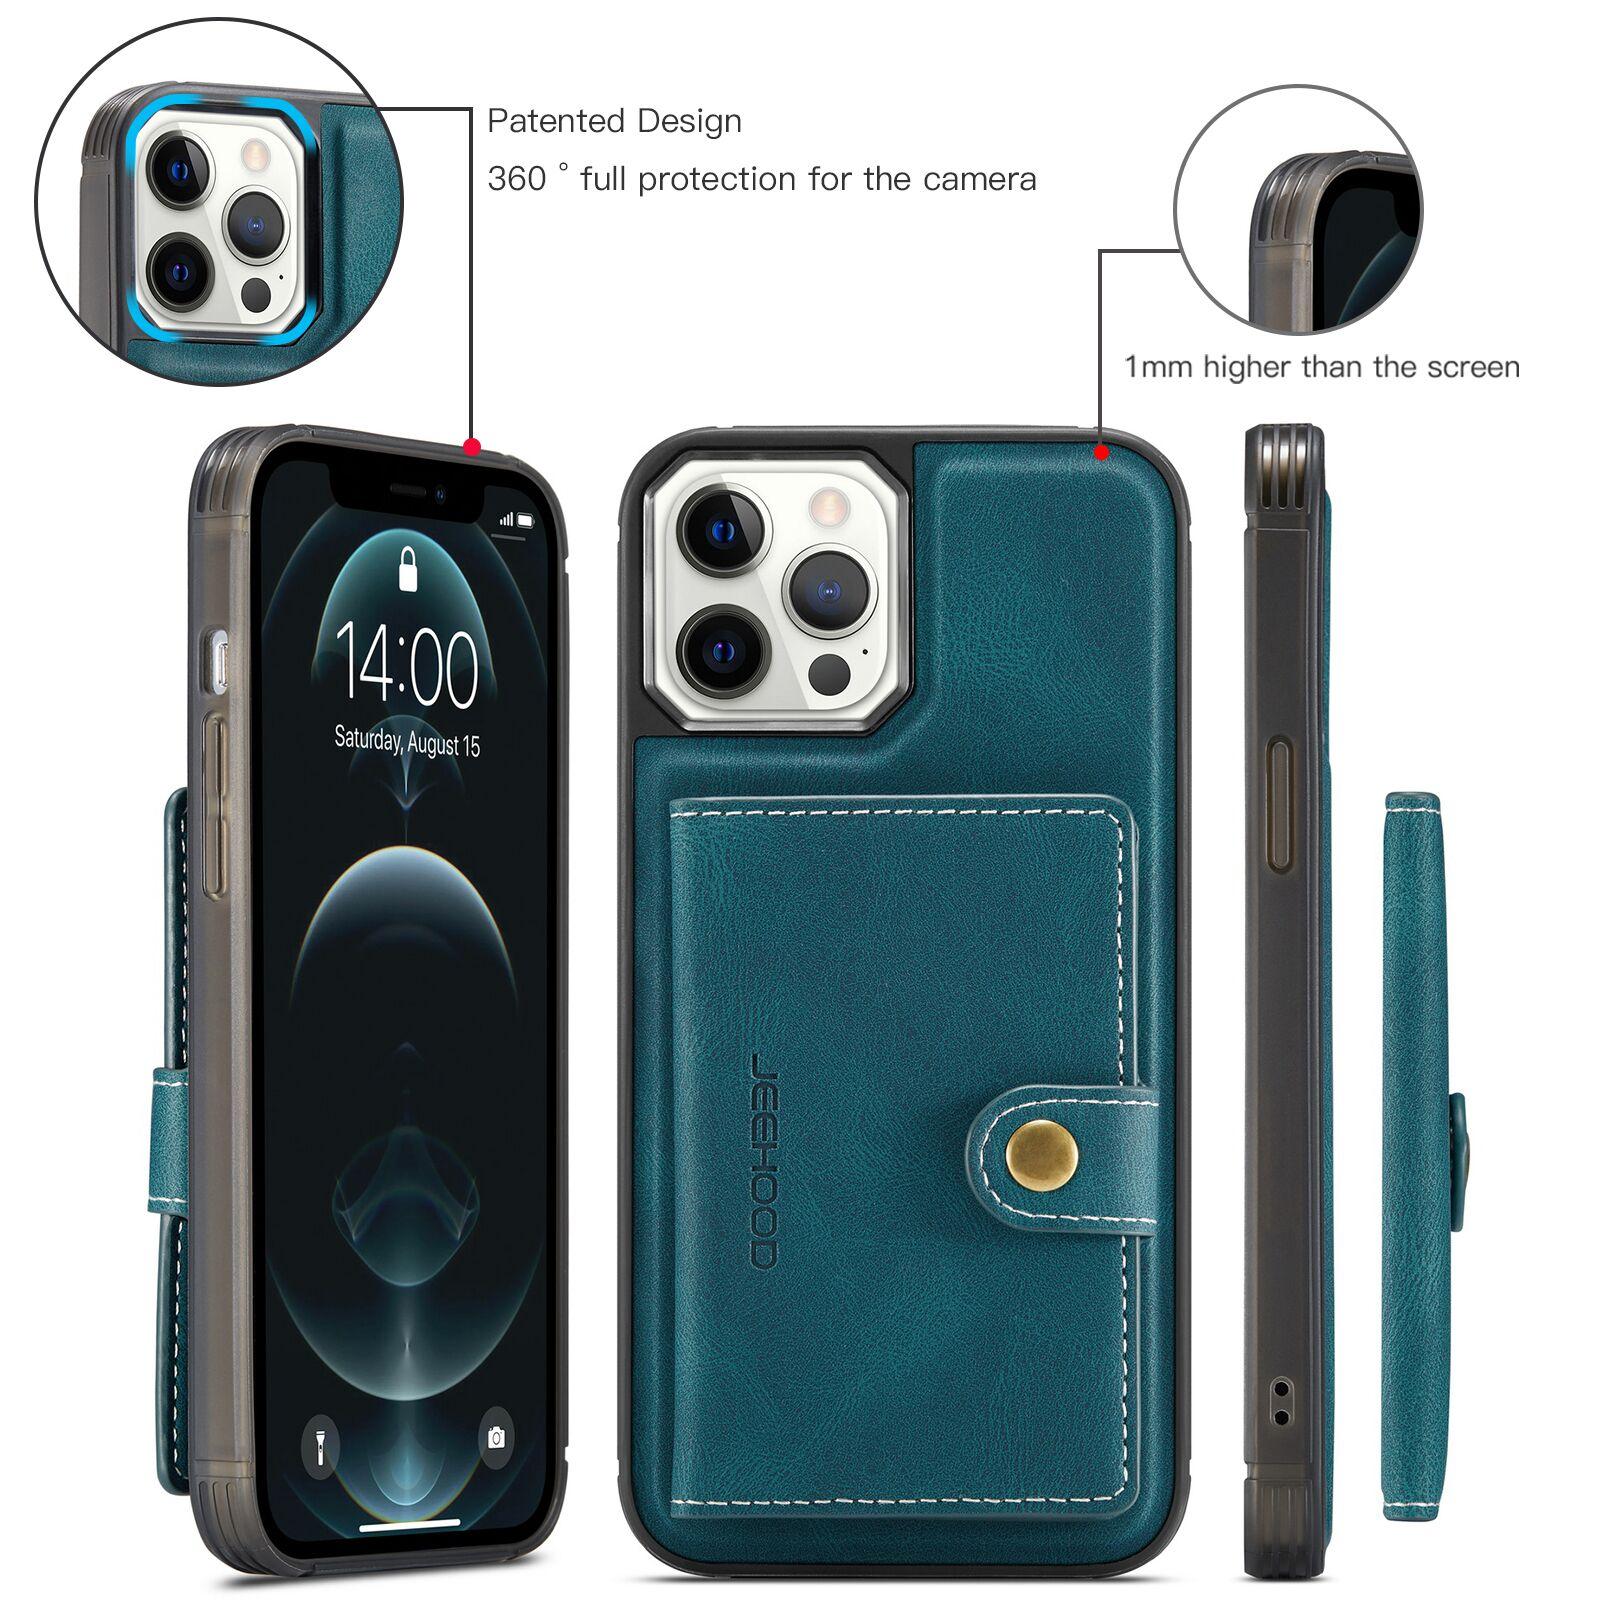 H99b9010e1c6b49608c206d825717dfc5S Capinha case Capa traseira para o iphone 12 11 pro max xs xr x se 2020 8 7 plus caso do telefone com suporte de cartão de couro magnético destacável carteira saco